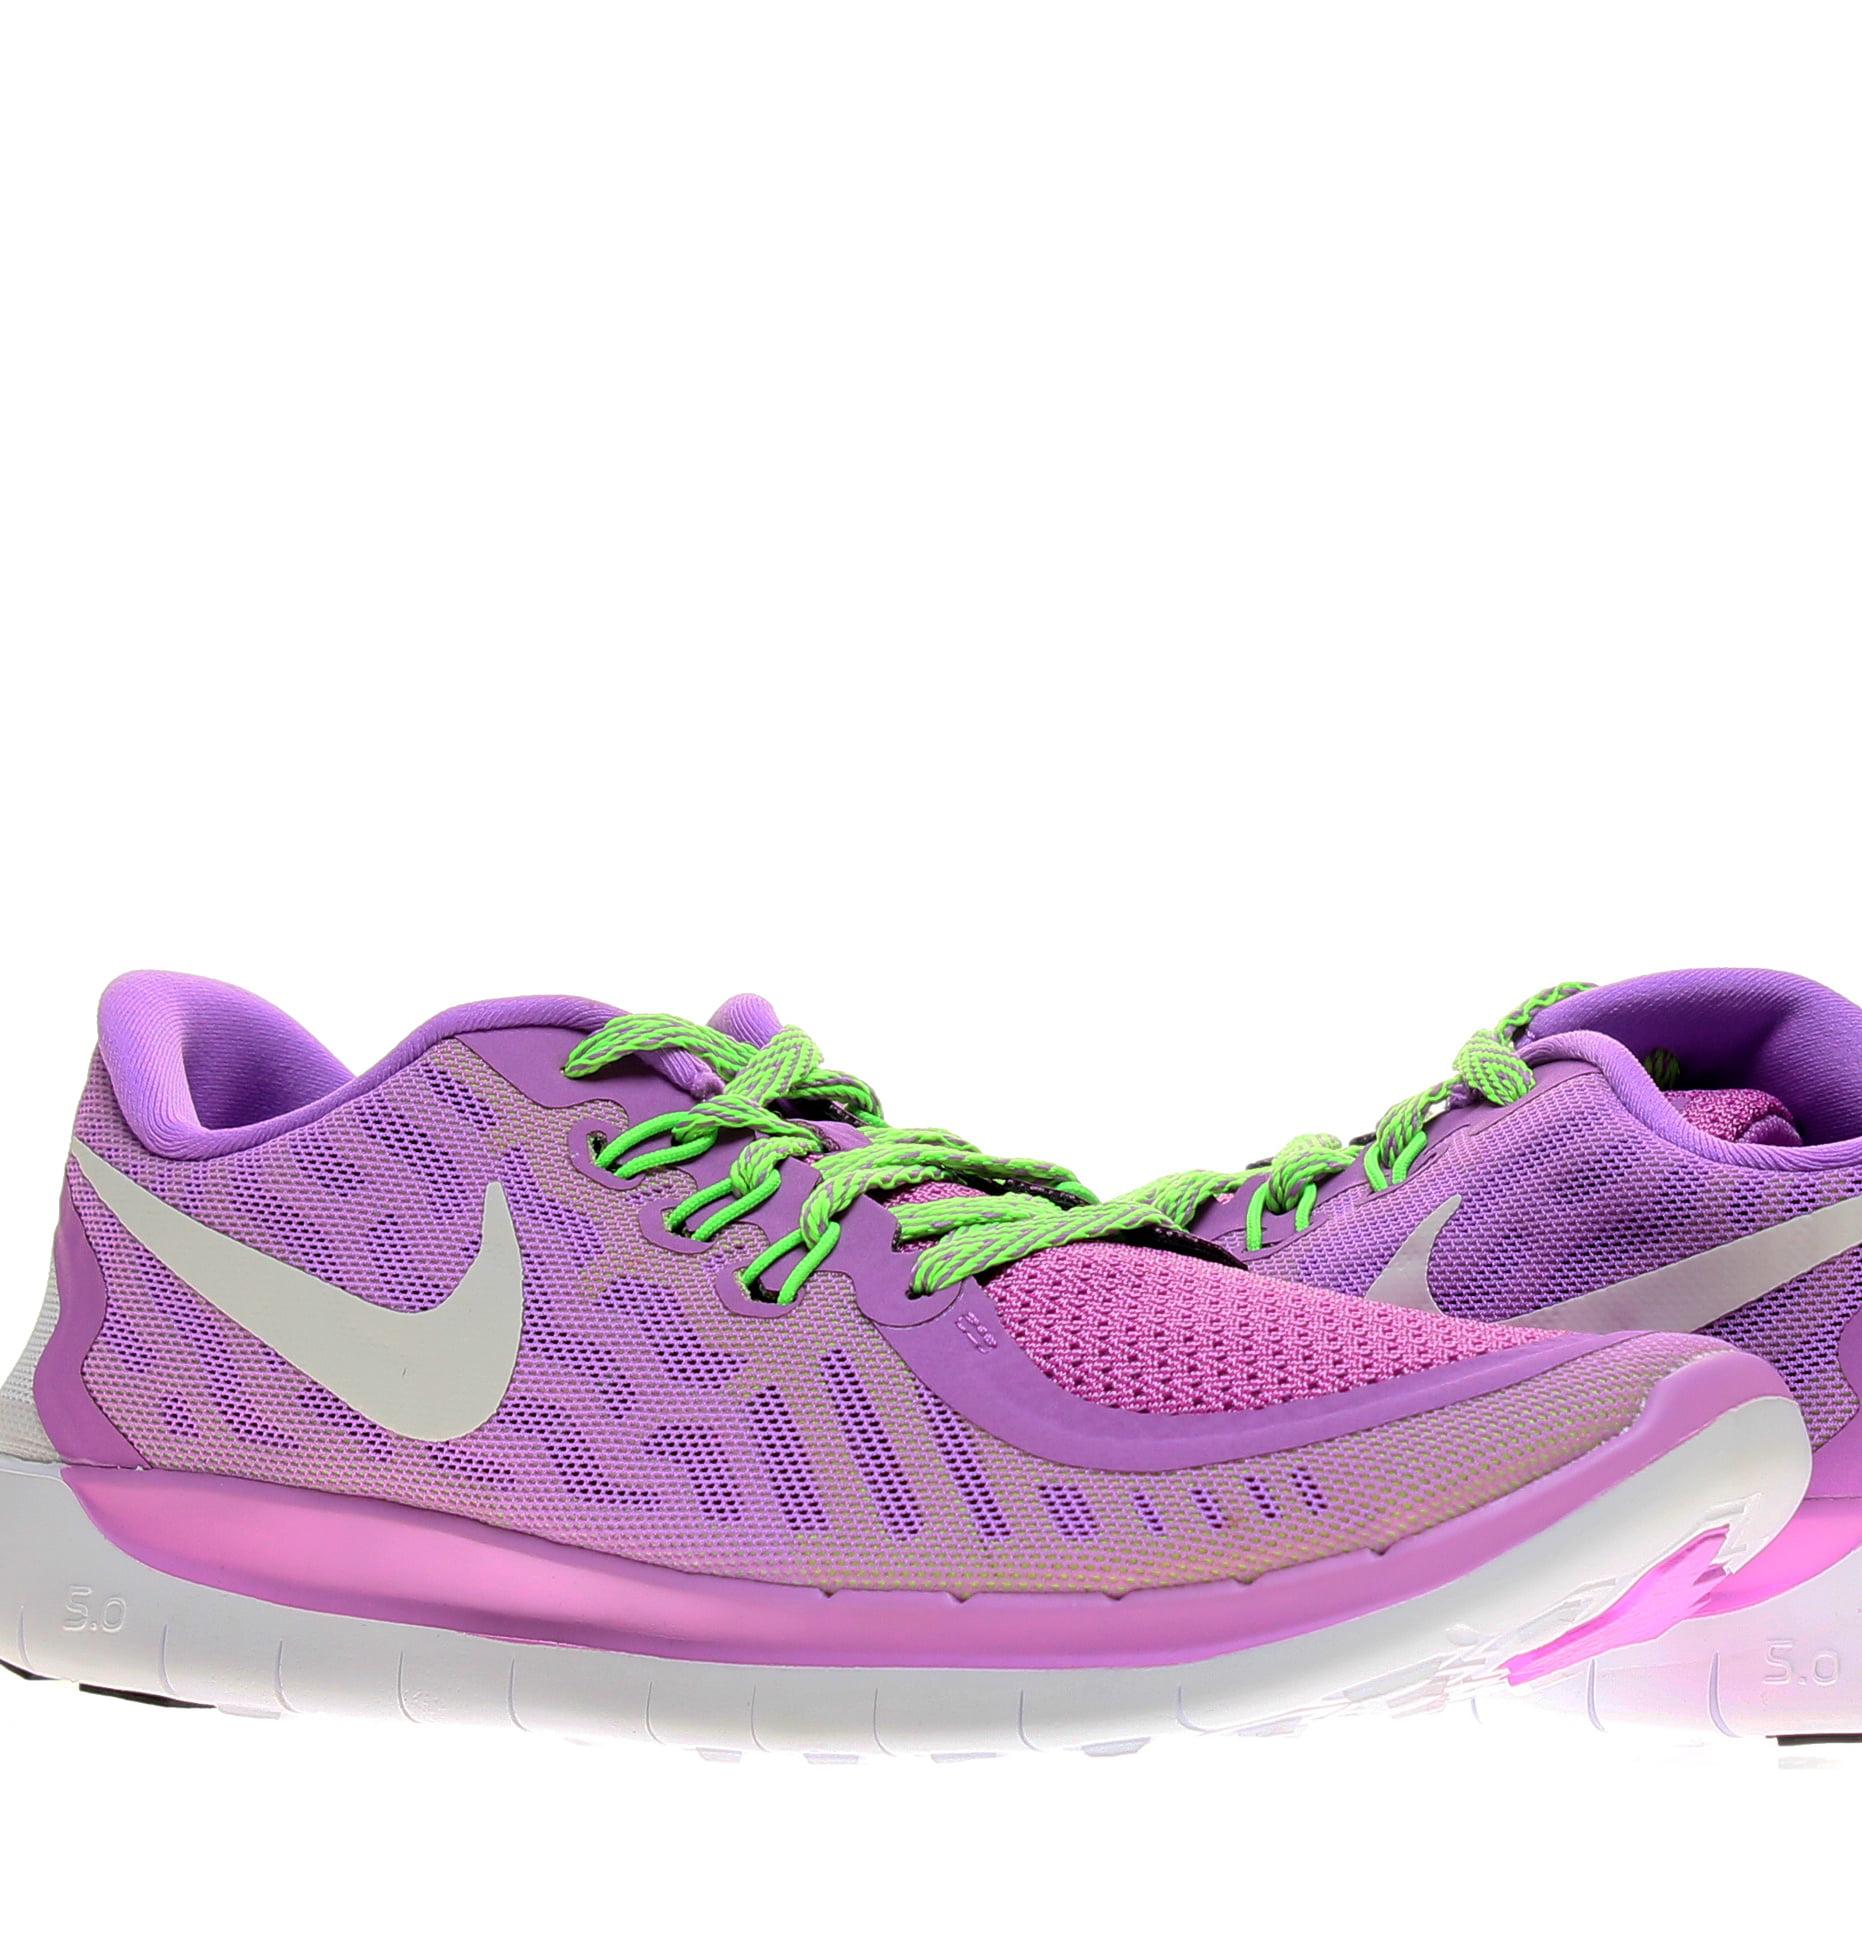 4b2f5de95b135 ... where to buy nike free 5.0 gs white pink pow girls running shoes 725114  dc09d 6f12b